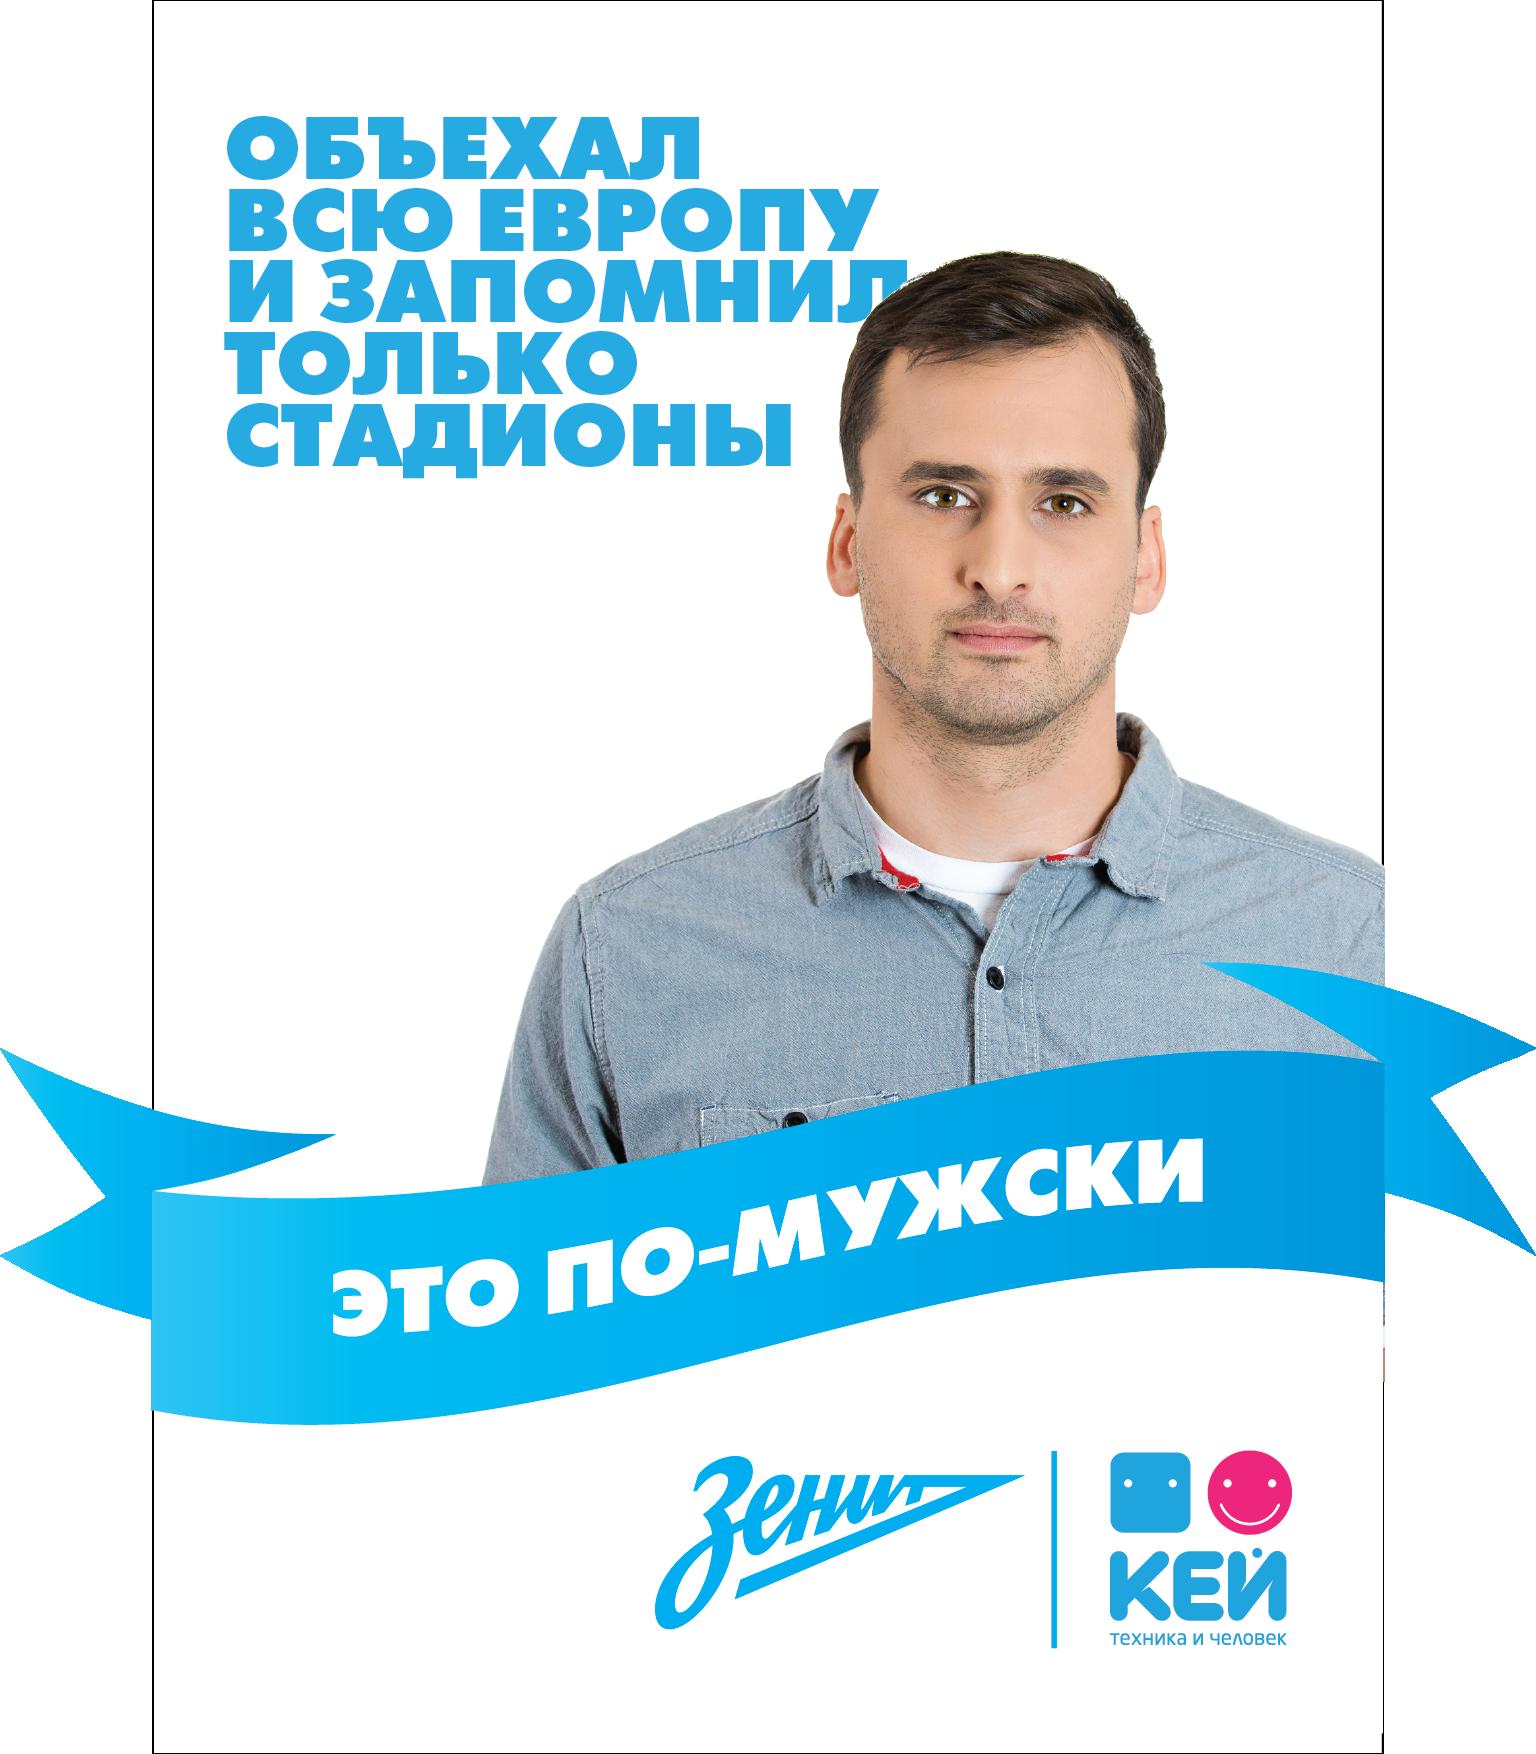 Key_Zenit_Artboard 50.png